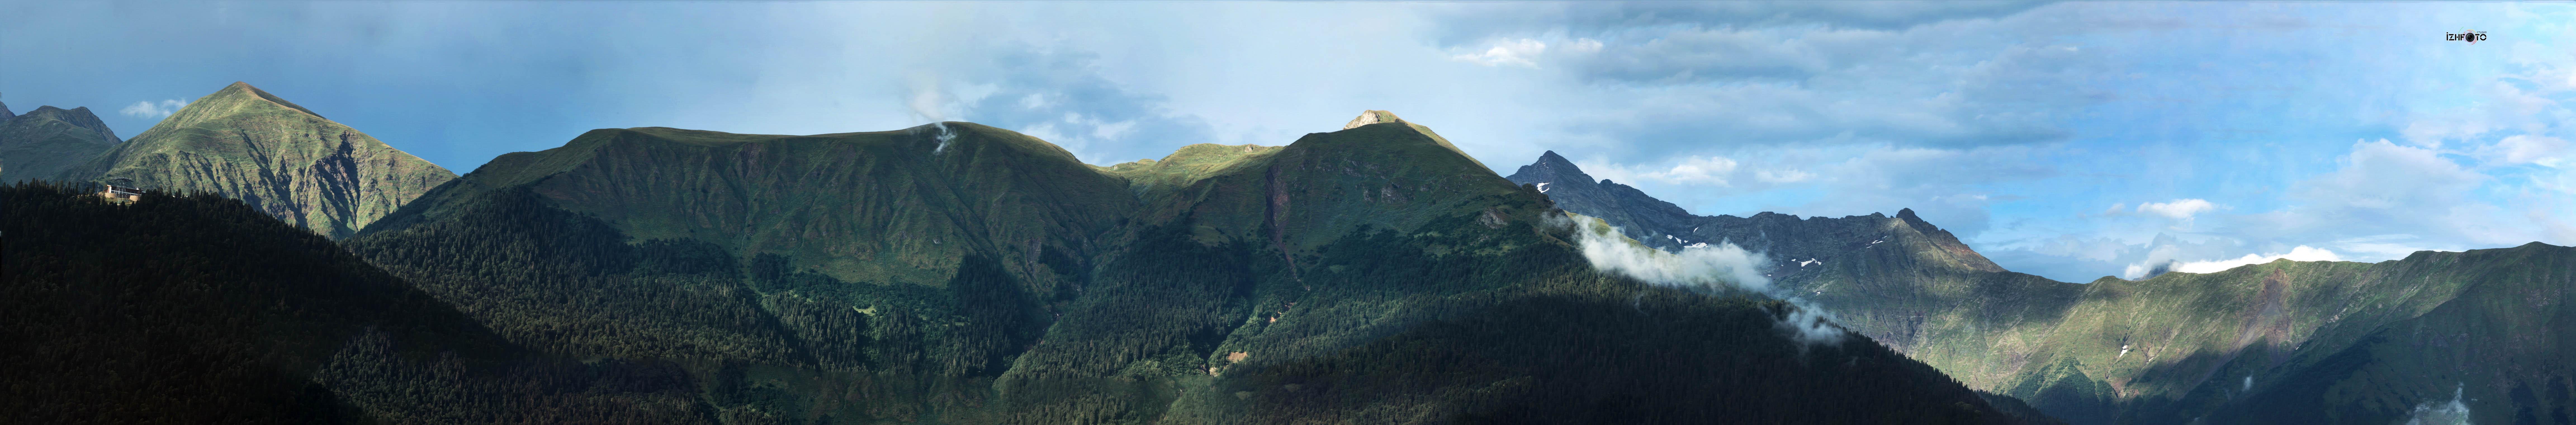 Панорамы  гор Розы хутор Сочи